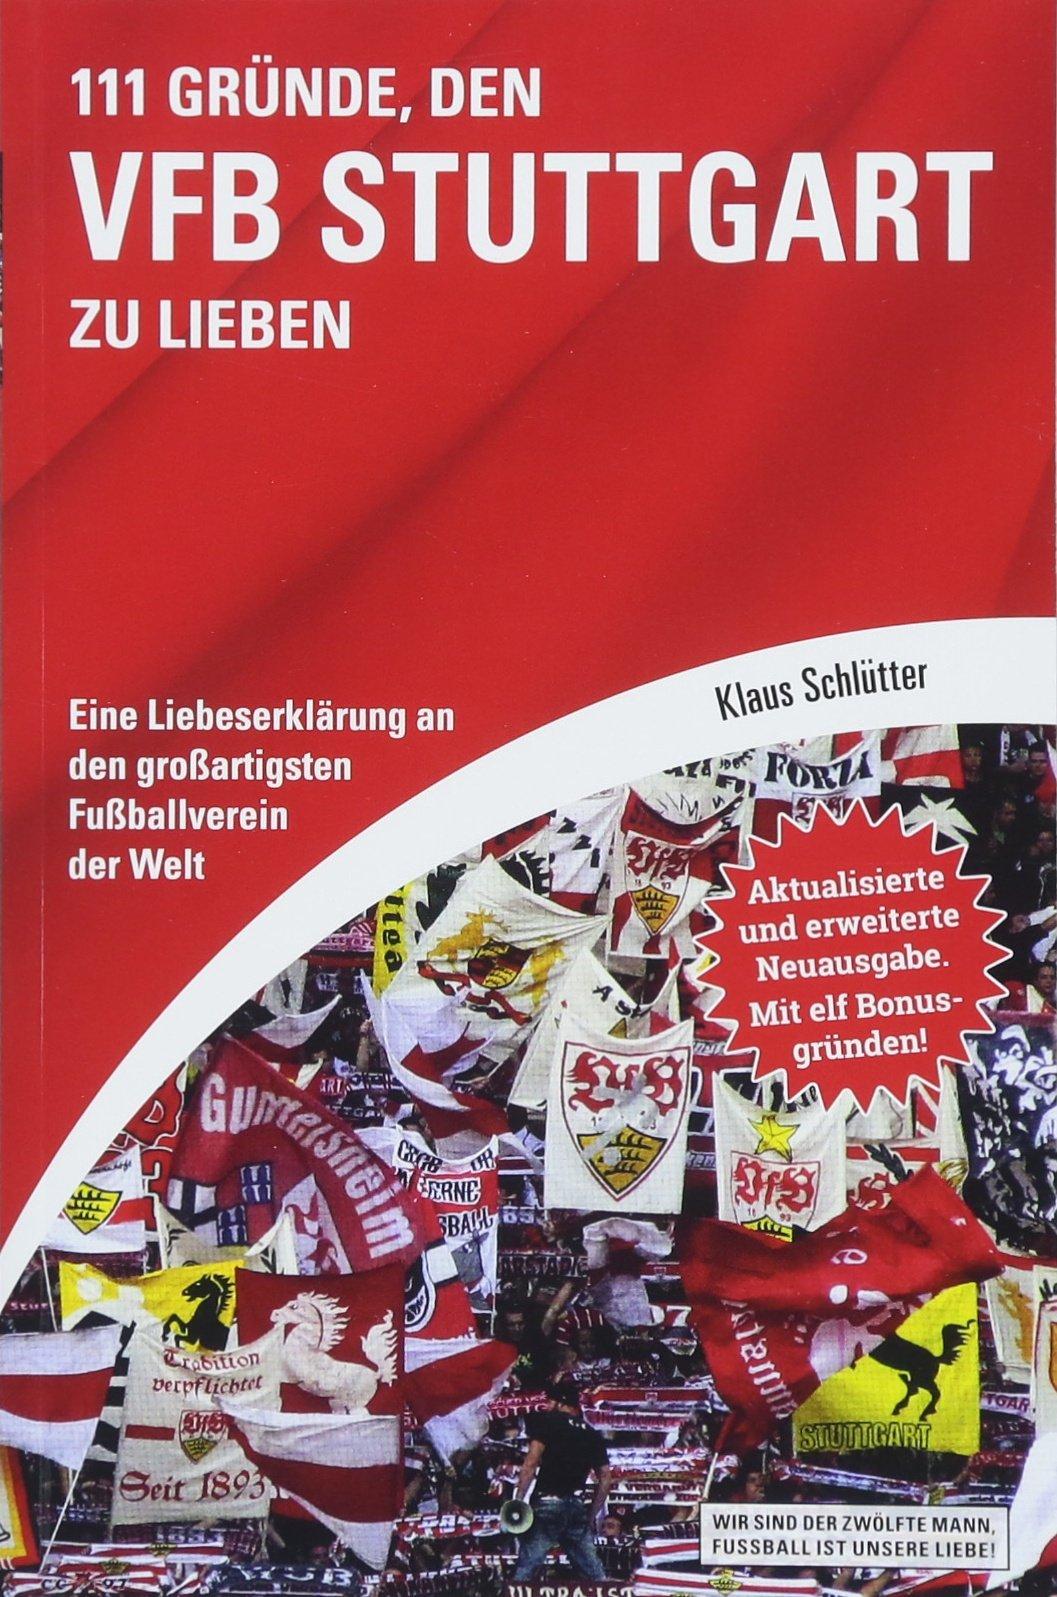 111 Gründe, den VfB Stuttgart zu lieben: Eine Liebeserklärung an den großartigsten Fußballverein der Welt - Aktualisierte und erweiterte Neuausgabe. Mit 11 Bonusgründen!